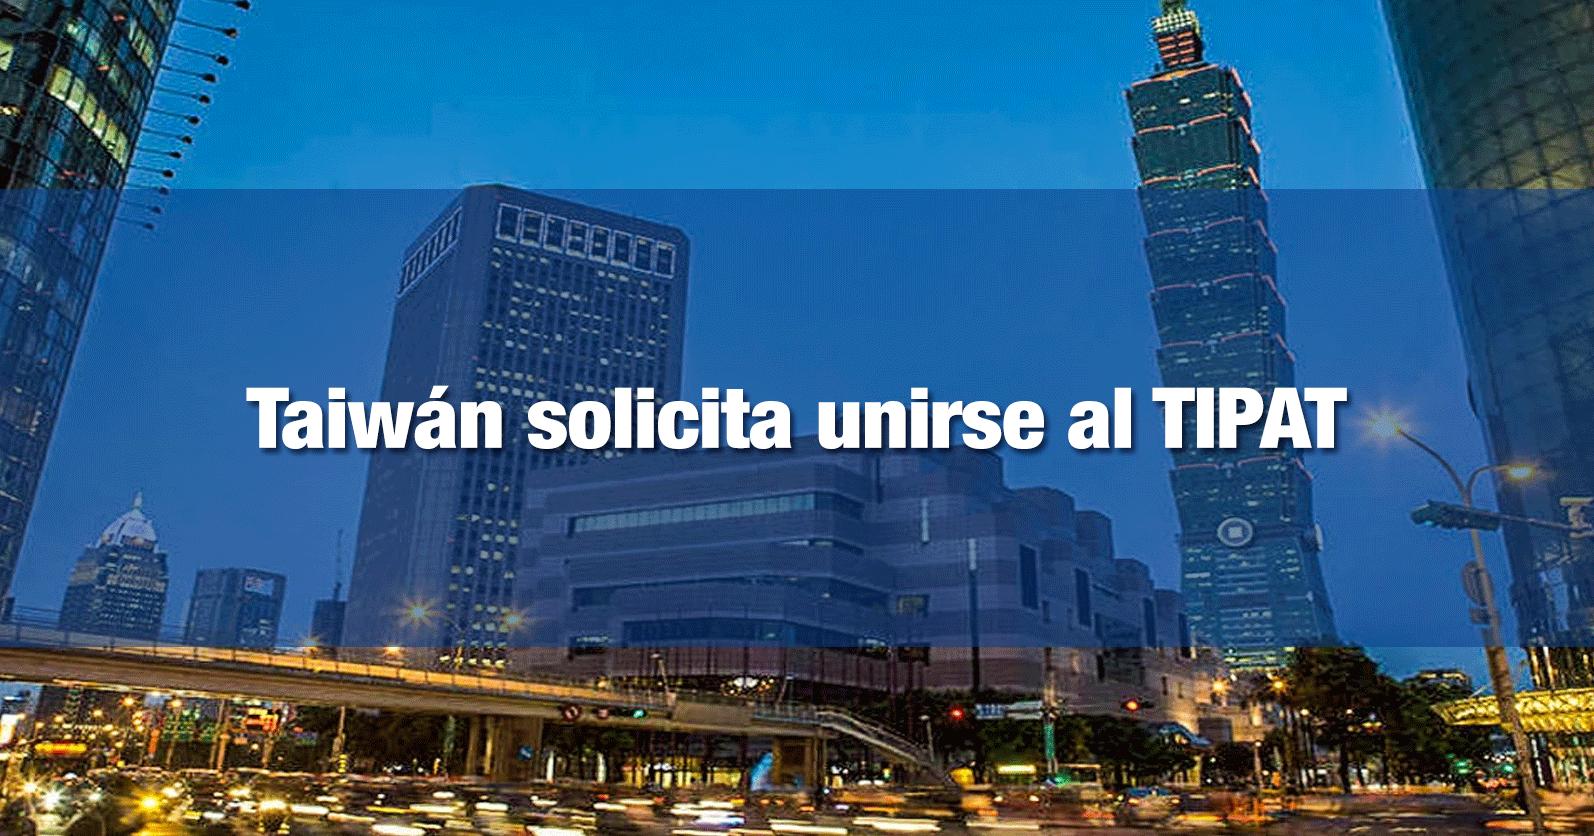 Taiwán y China han solicitado unirse al TIPAT